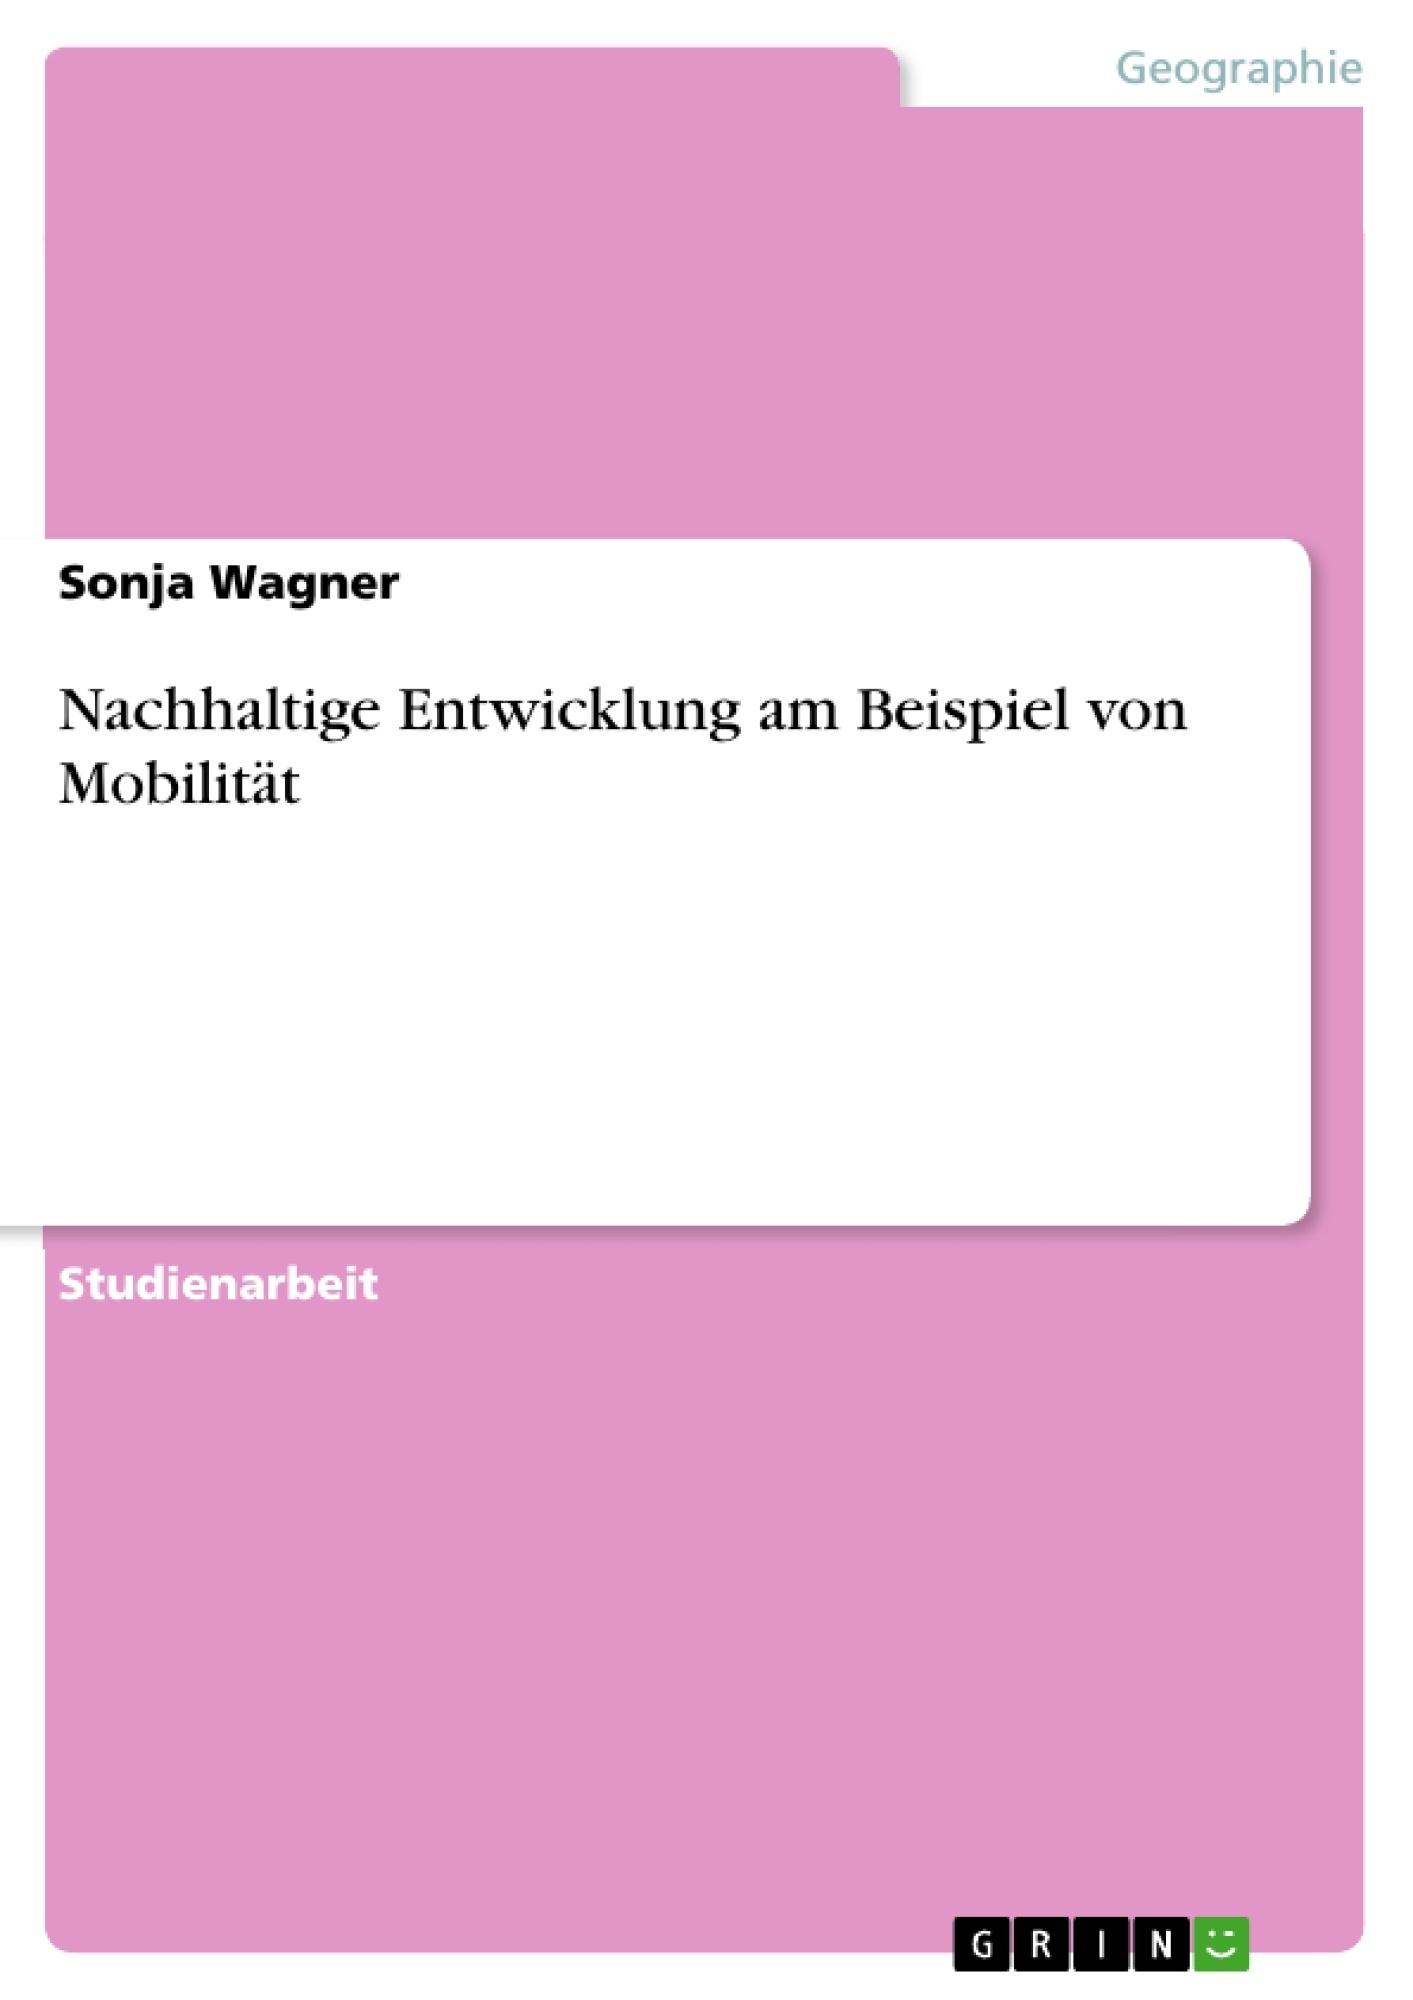 Titel: Nachhaltige Entwicklung am Beispiel von Mobilität